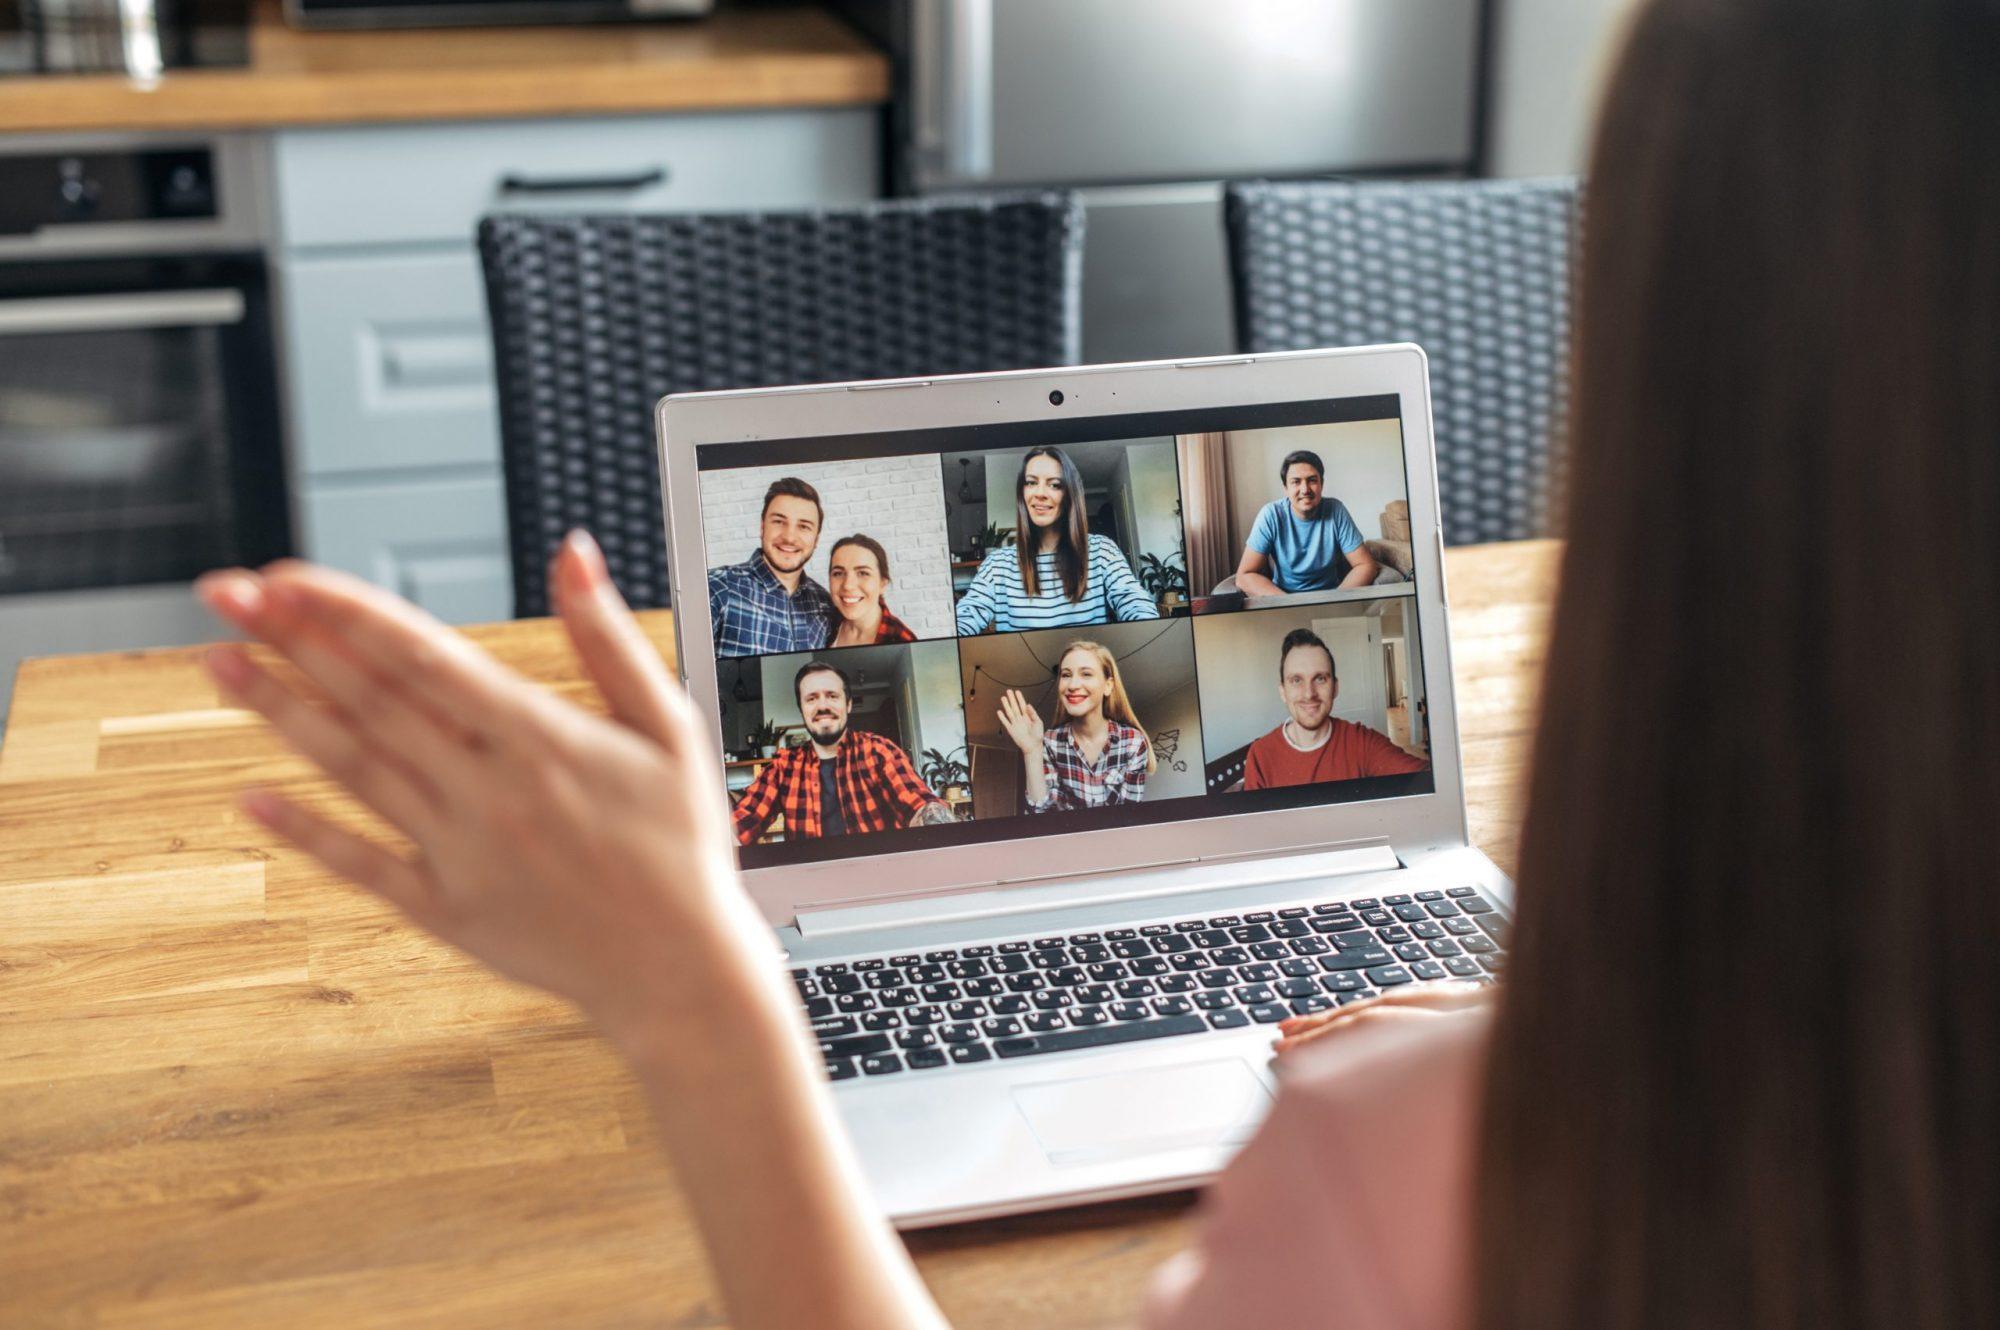 6 Ways to Lead Better Virtual Meetings